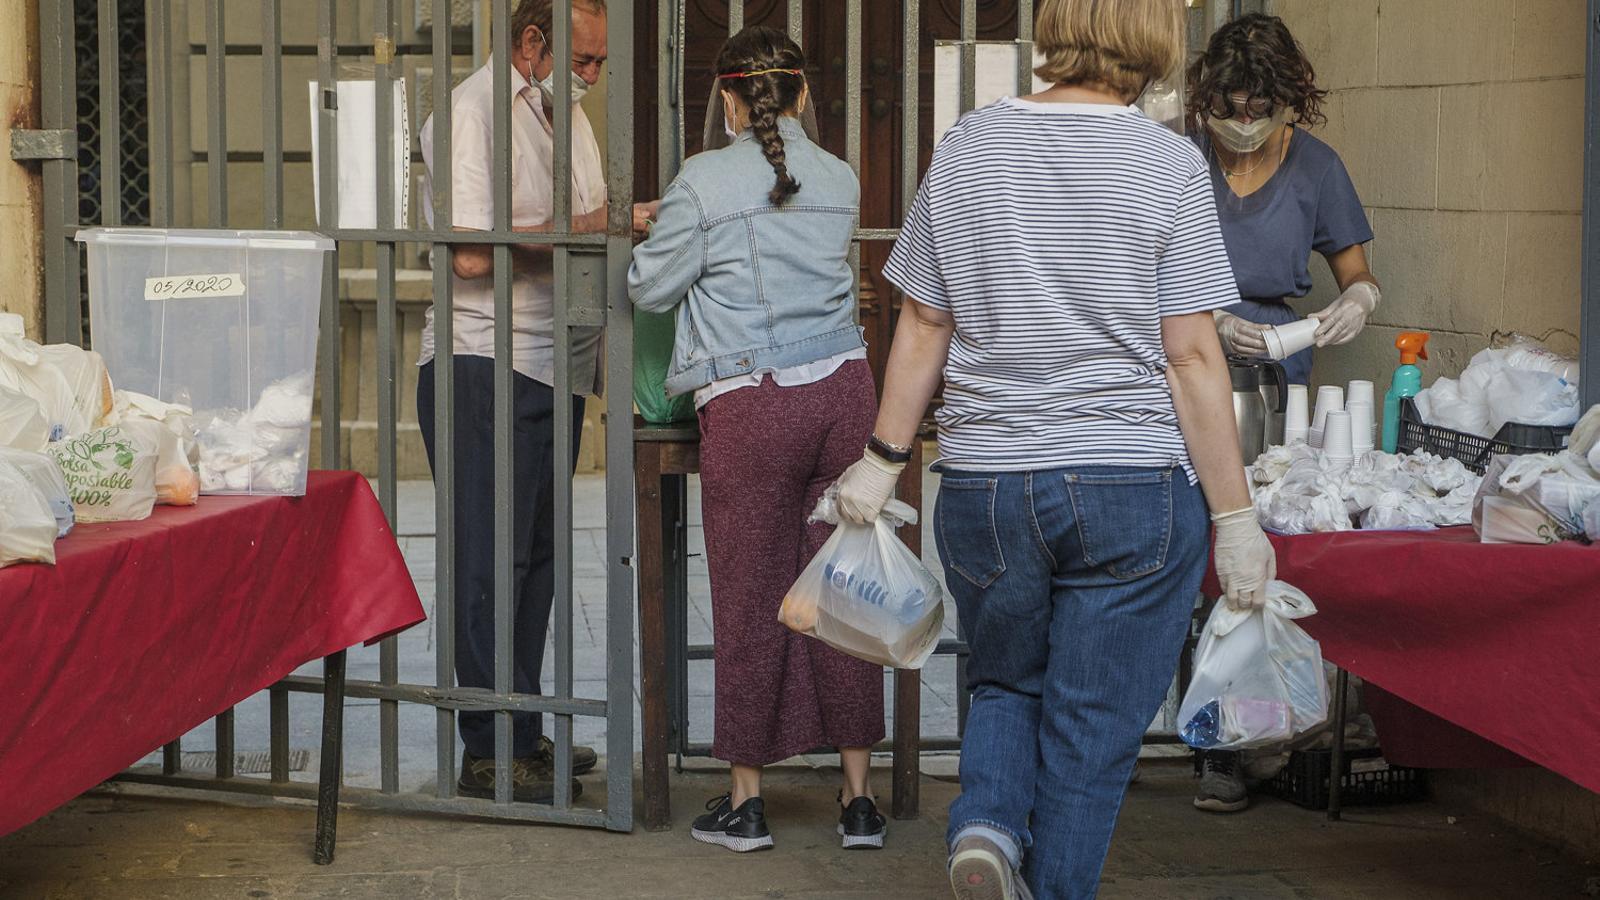 Cues en una parròquia de persones recollint bosses d'aliments. / MANOLO GARCÍA